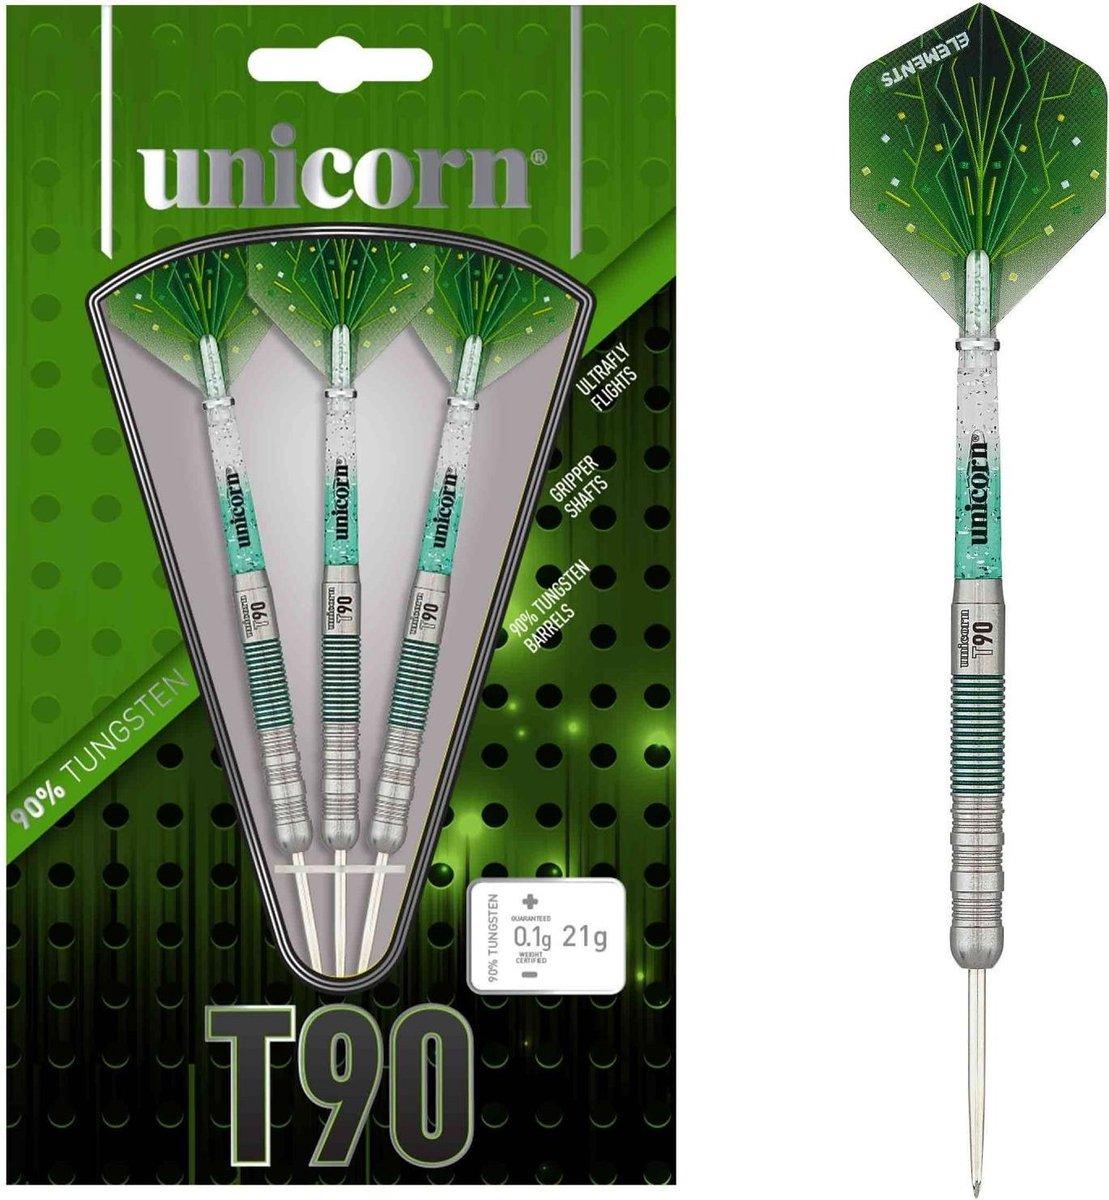 Unicorn Dartpijlen Core Xl T90 Steeltip 25g Tungsten Zilver